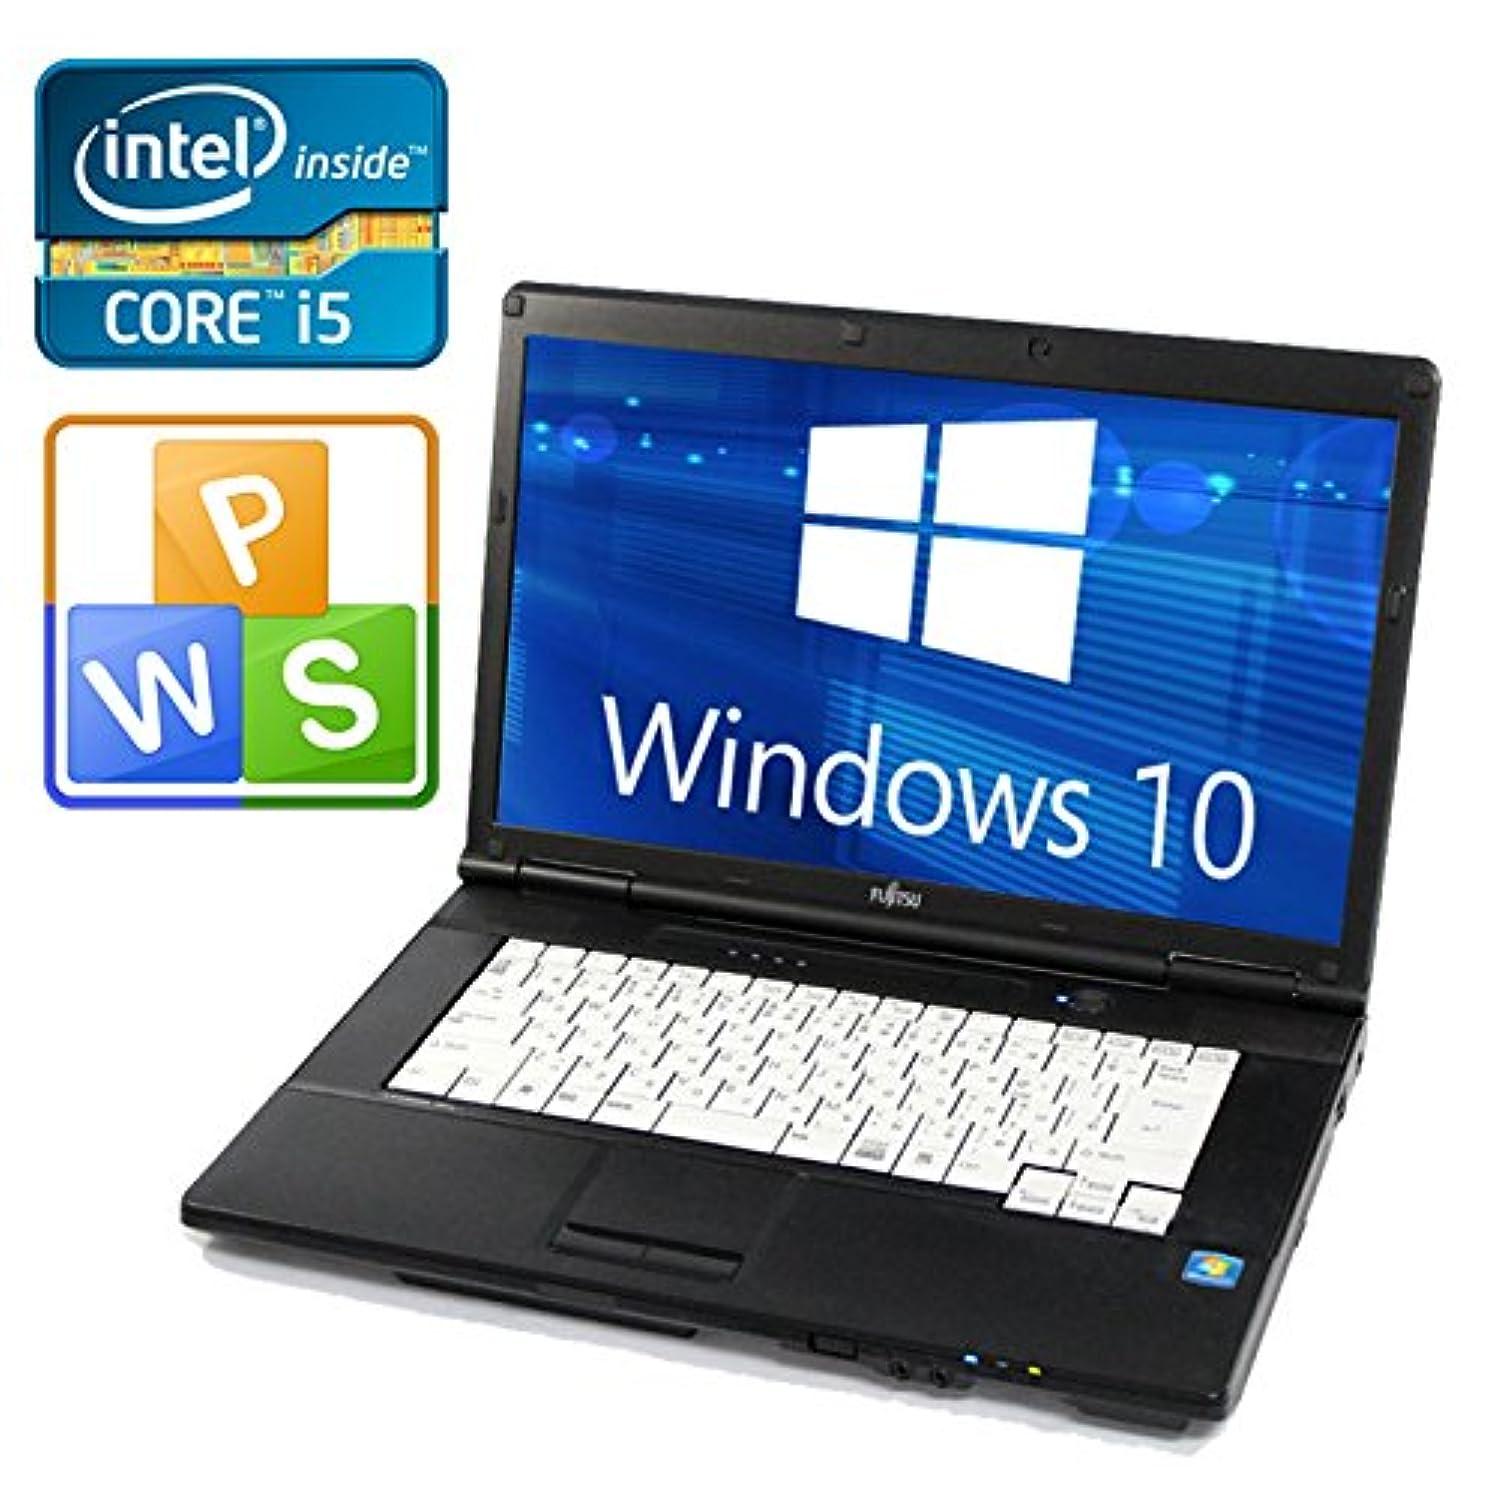 急性叱るカテナ富士通 LIFEBOOK FMV-A561 中古 パソコン ノートパソコン 高速Corei5 2.50GHz メモリ4GB 新品SSD120GB DVDマルチドライブ 無線LAN付 マイクロソフト社認定 正規OS MAR ライセンスキー付 Windows10 Home64bit A4 ワイド大画面 キングソフトOffice (メモリ4GB/新品SSD120GB/DVDマルチドライブ)